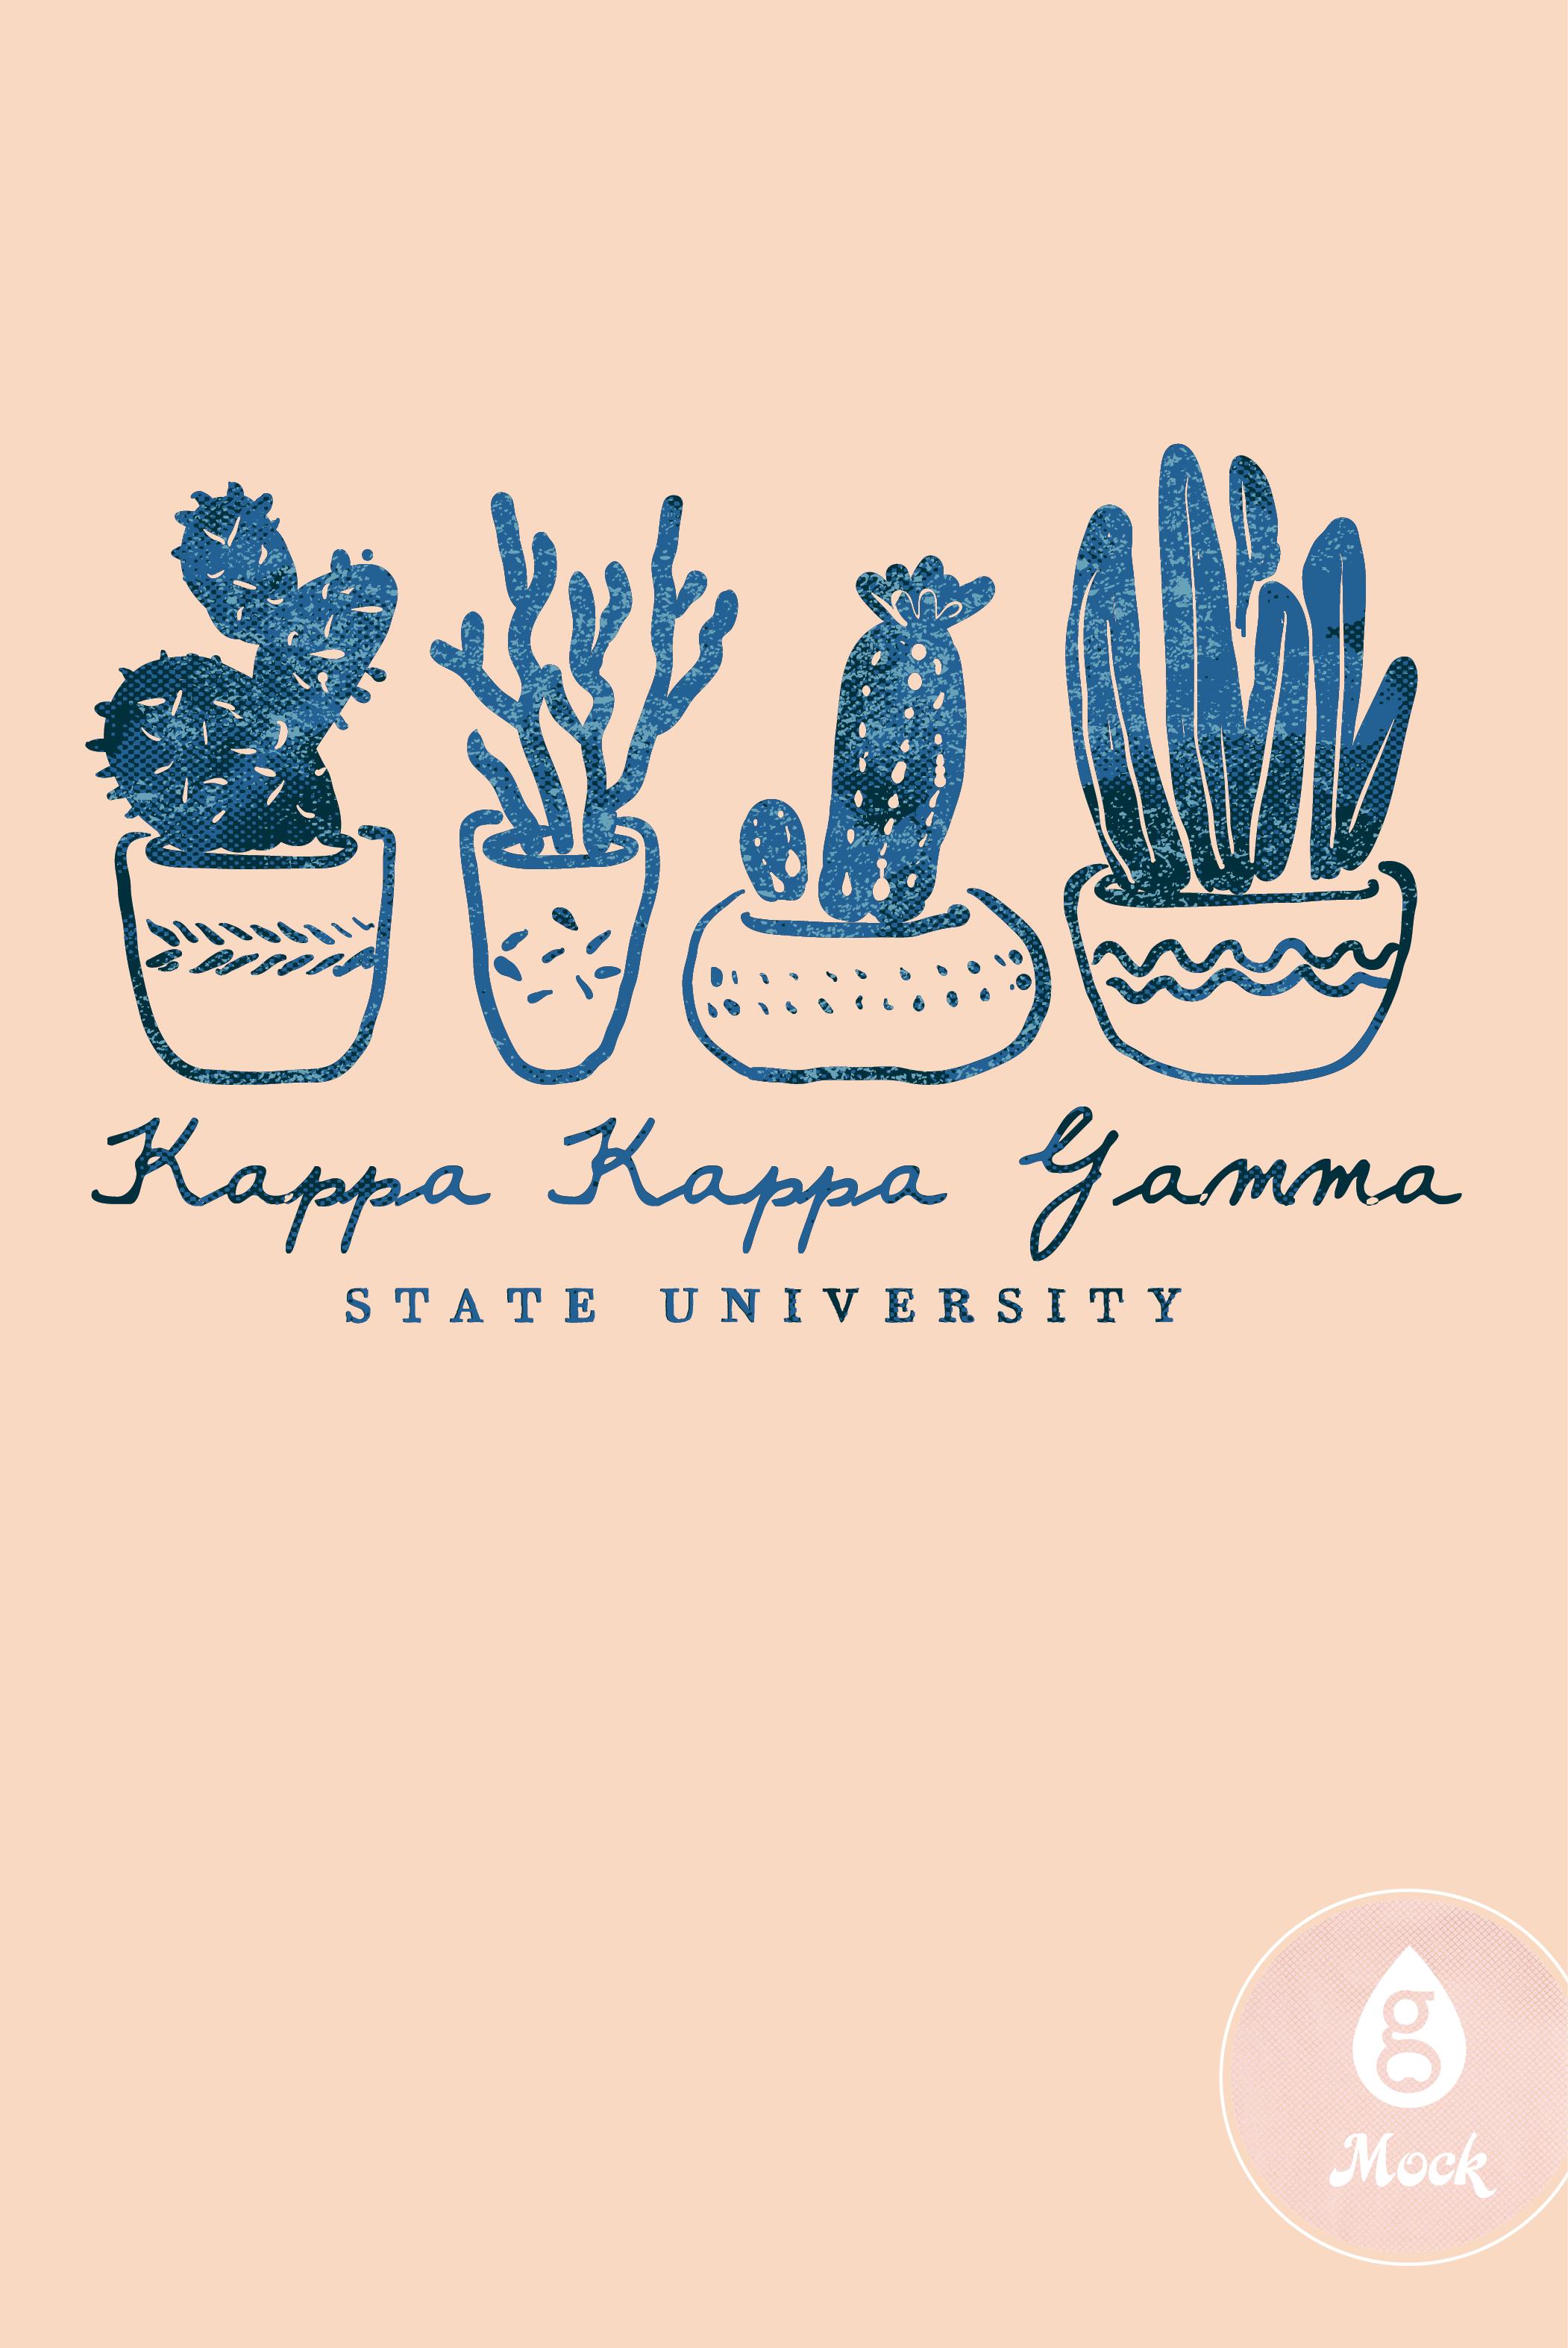 Pr Kappa Kappa Gamma Kappa Kappa Gamma Kappa Kappa Delta